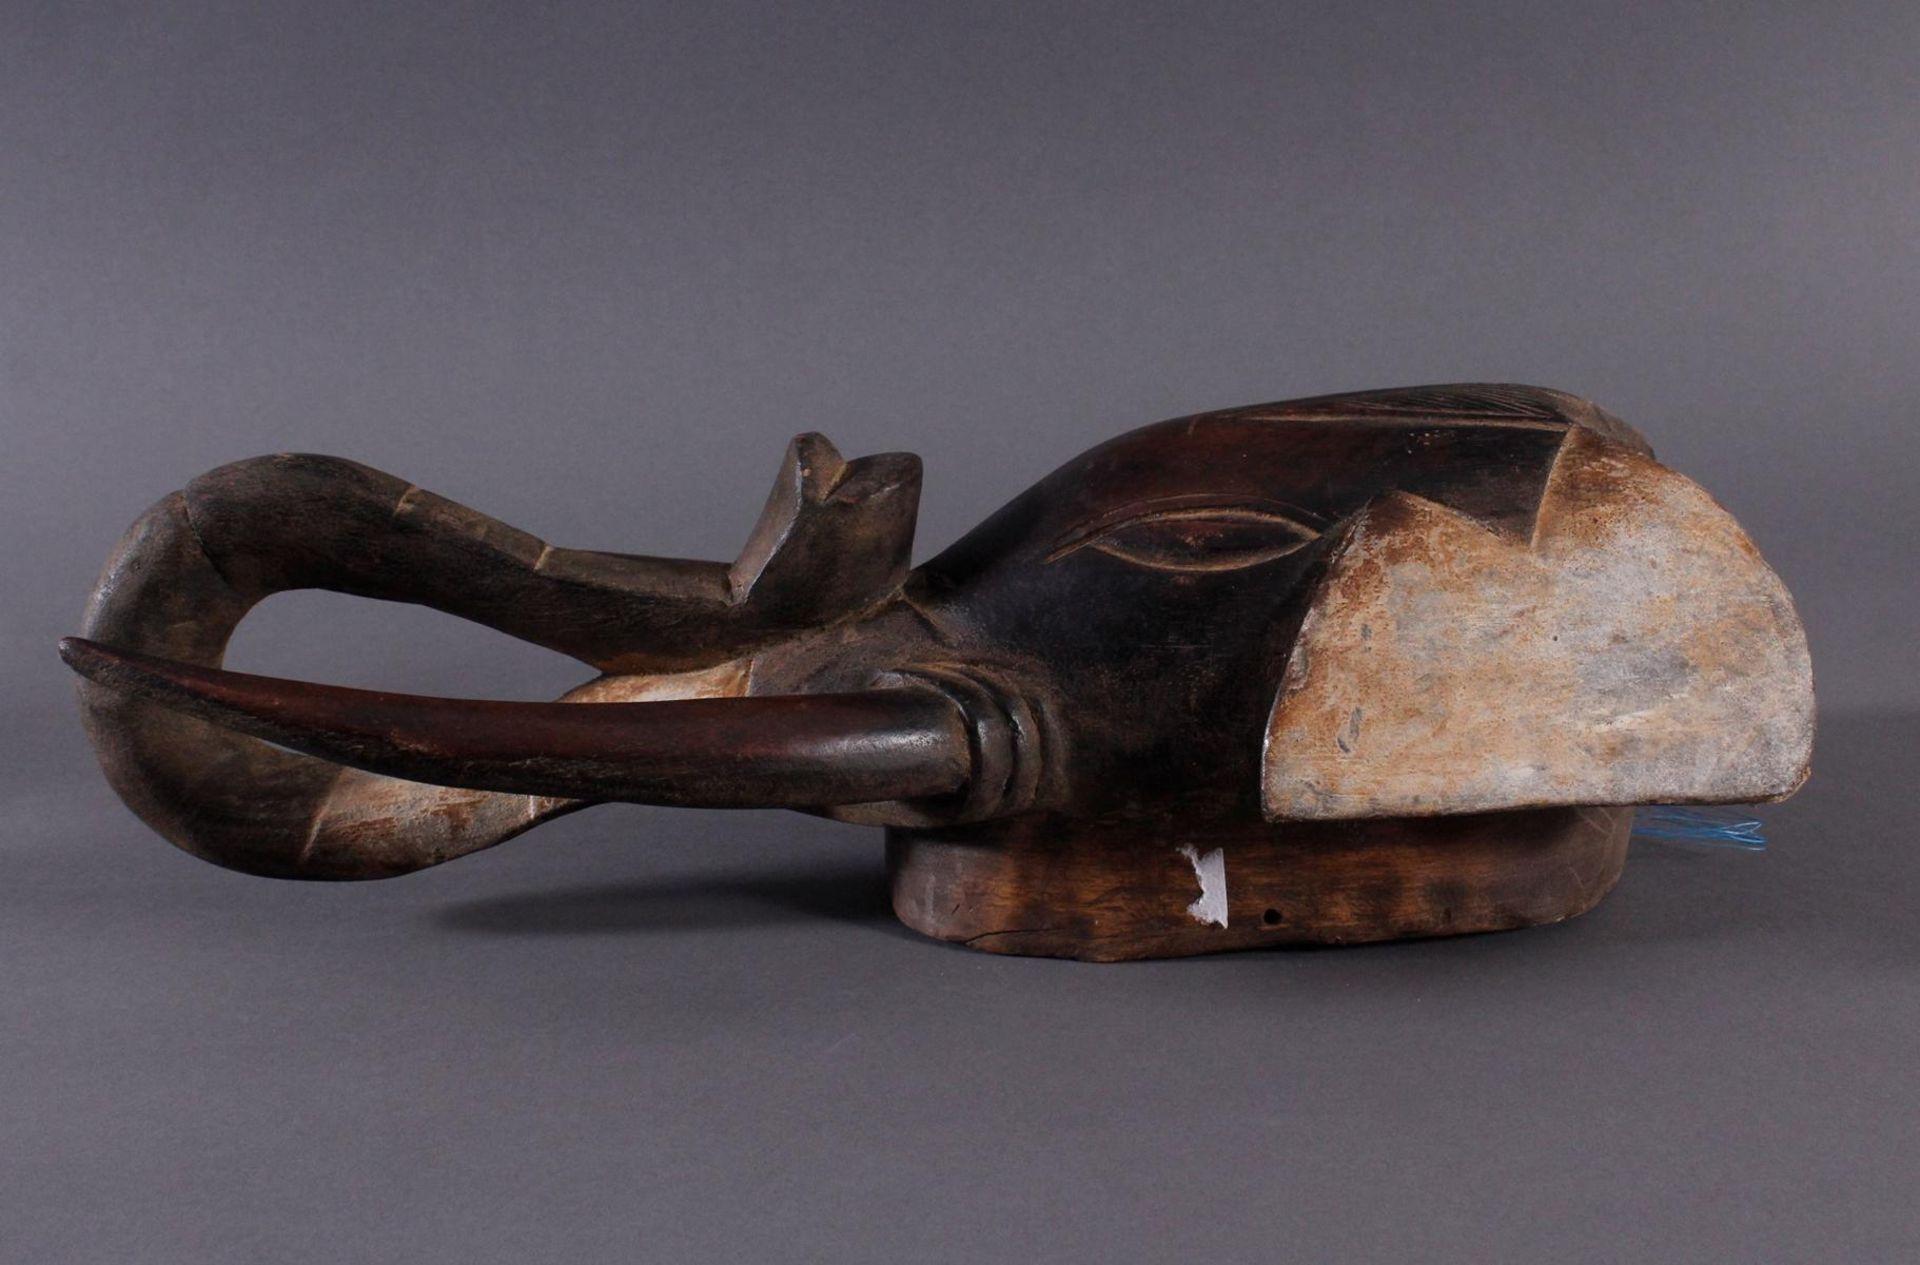 Antike Zoomorphe Maske, Elefant, Gouro 1. Hälfte 20. Jh.Holz geschnitzt, farbig gefasst, ca. 13,5 - Bild 3 aus 5